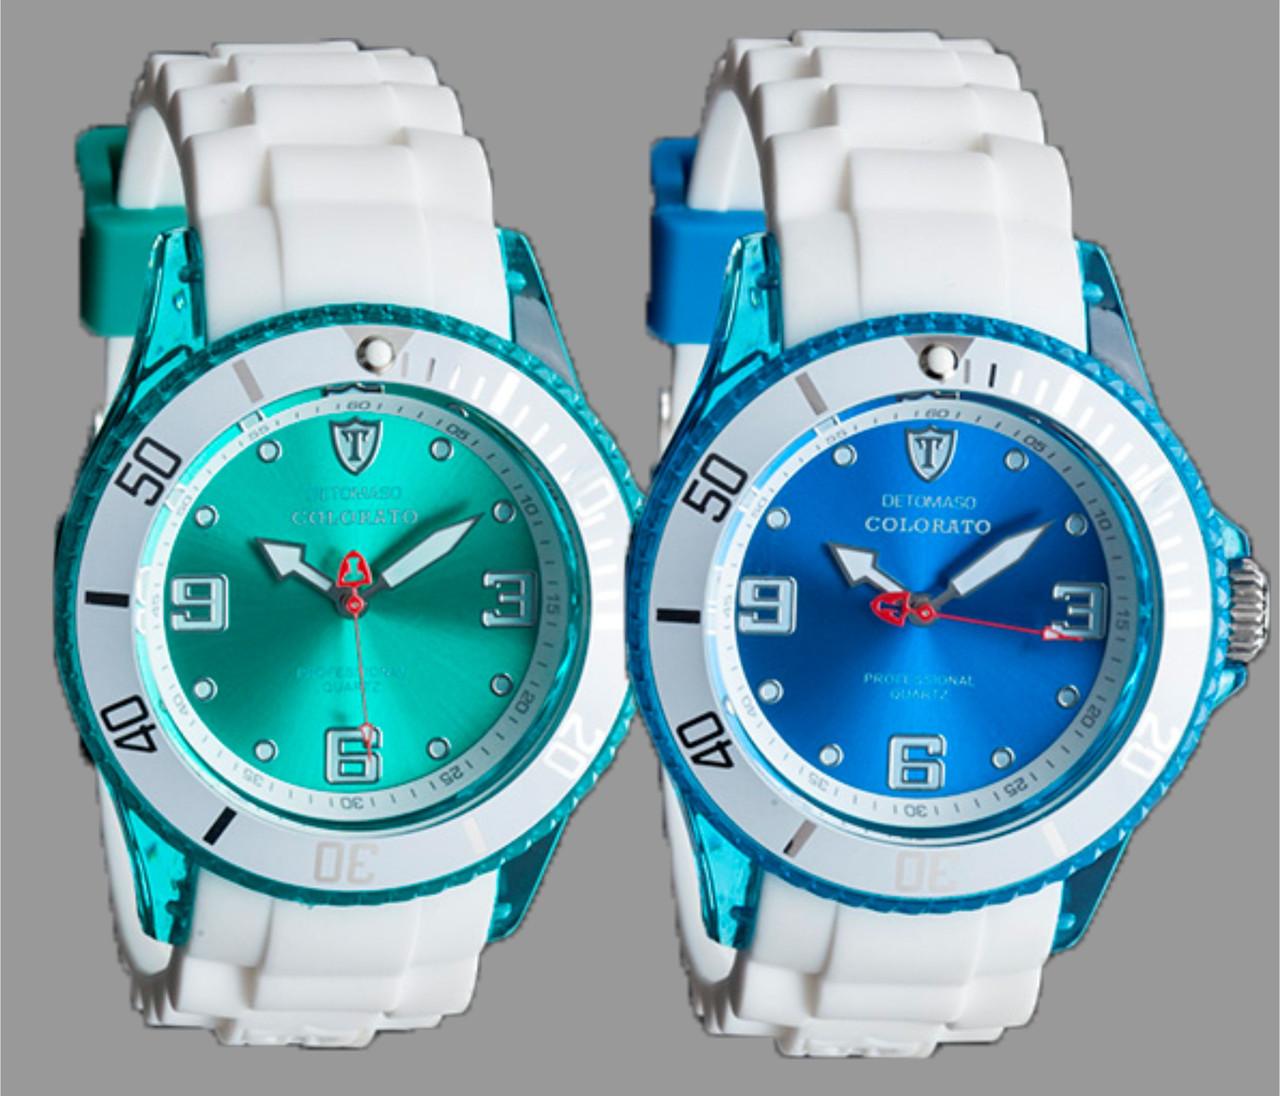 Наручний годинник Detomaso Colorato Transparent M - 4 варіанти